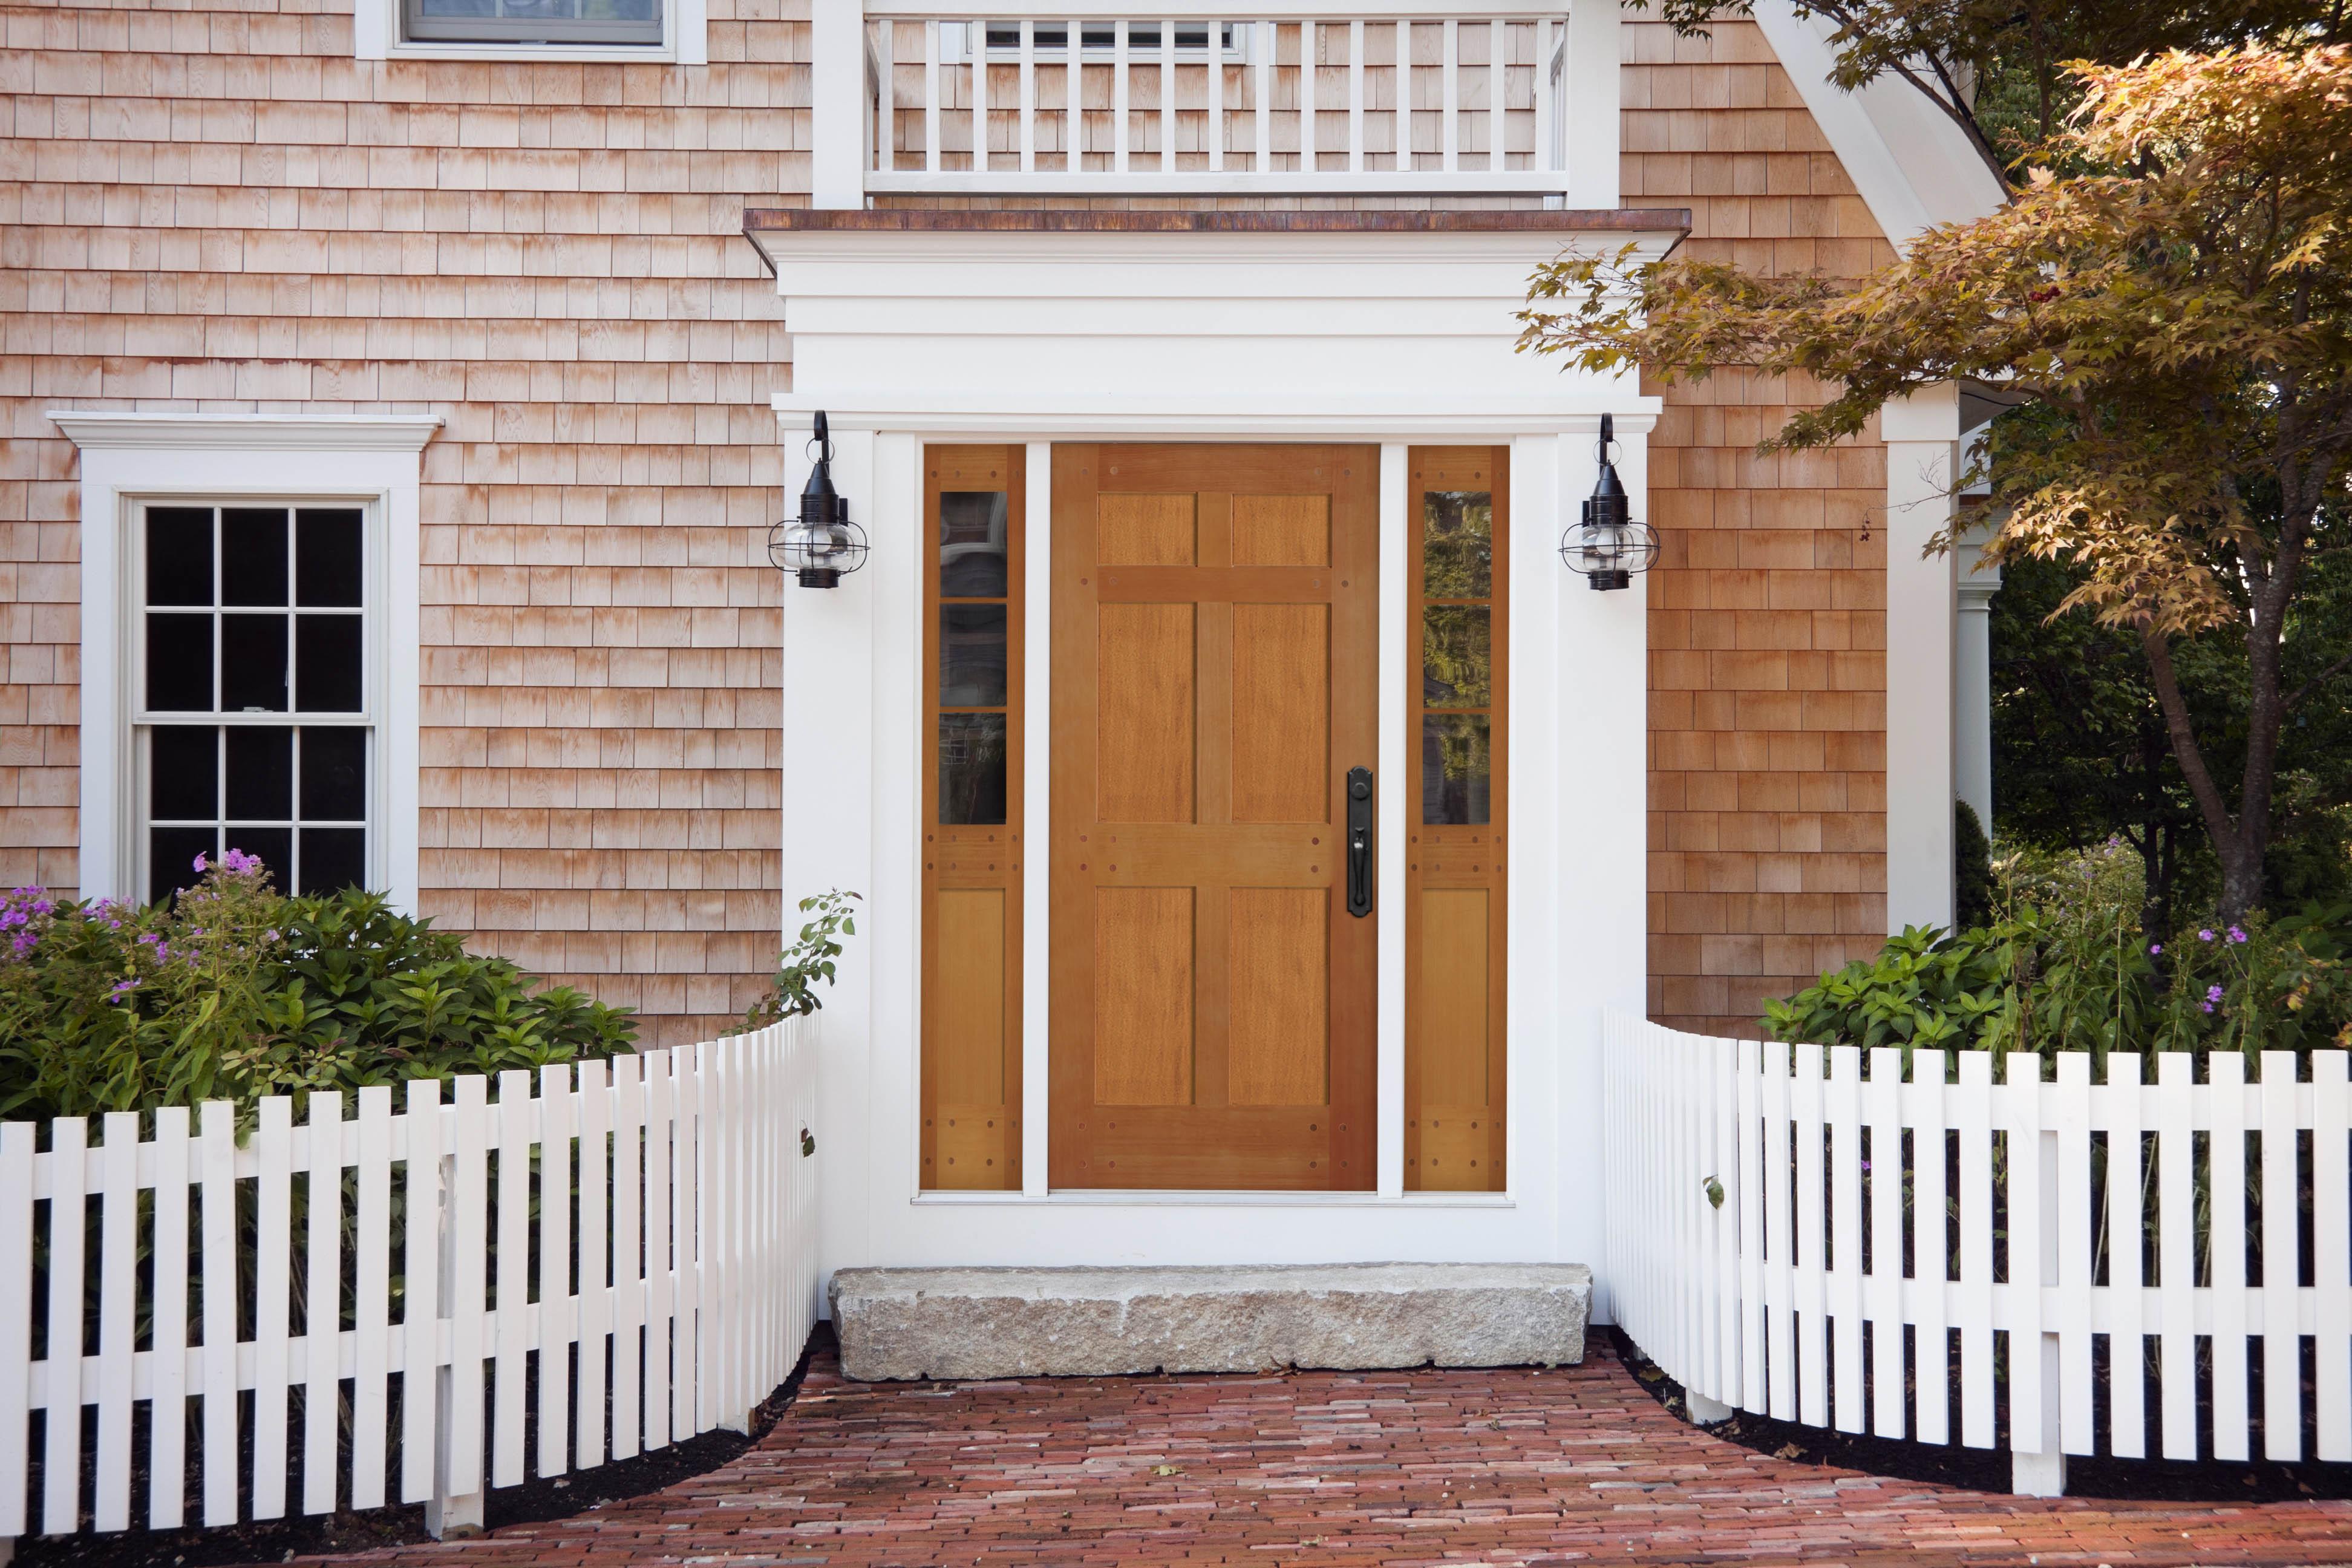 2592 #966335 Simpson Nantucket Collection 77132 Door In Doug Fir With 77703  save image Simpson Fir Doors 41973888